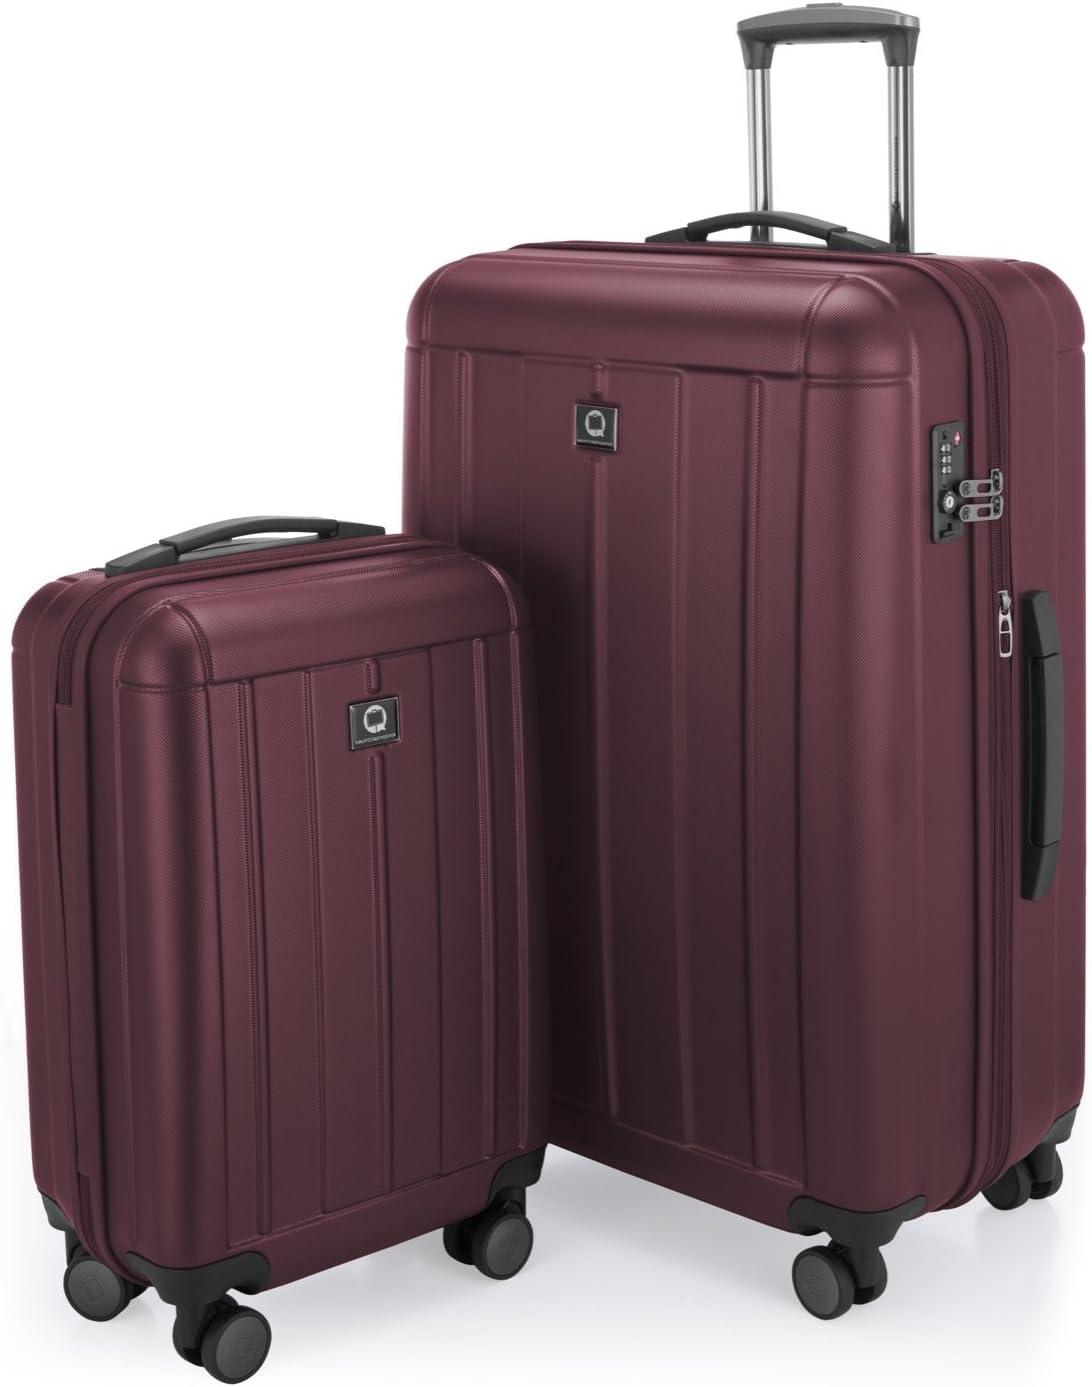 HAUPTSTADTKOFFER - Kotti - Maletas de viaje, Juego de 2 piezas ( 56 cm, 76 cm) TSA, 4 rudeas, Borgoña